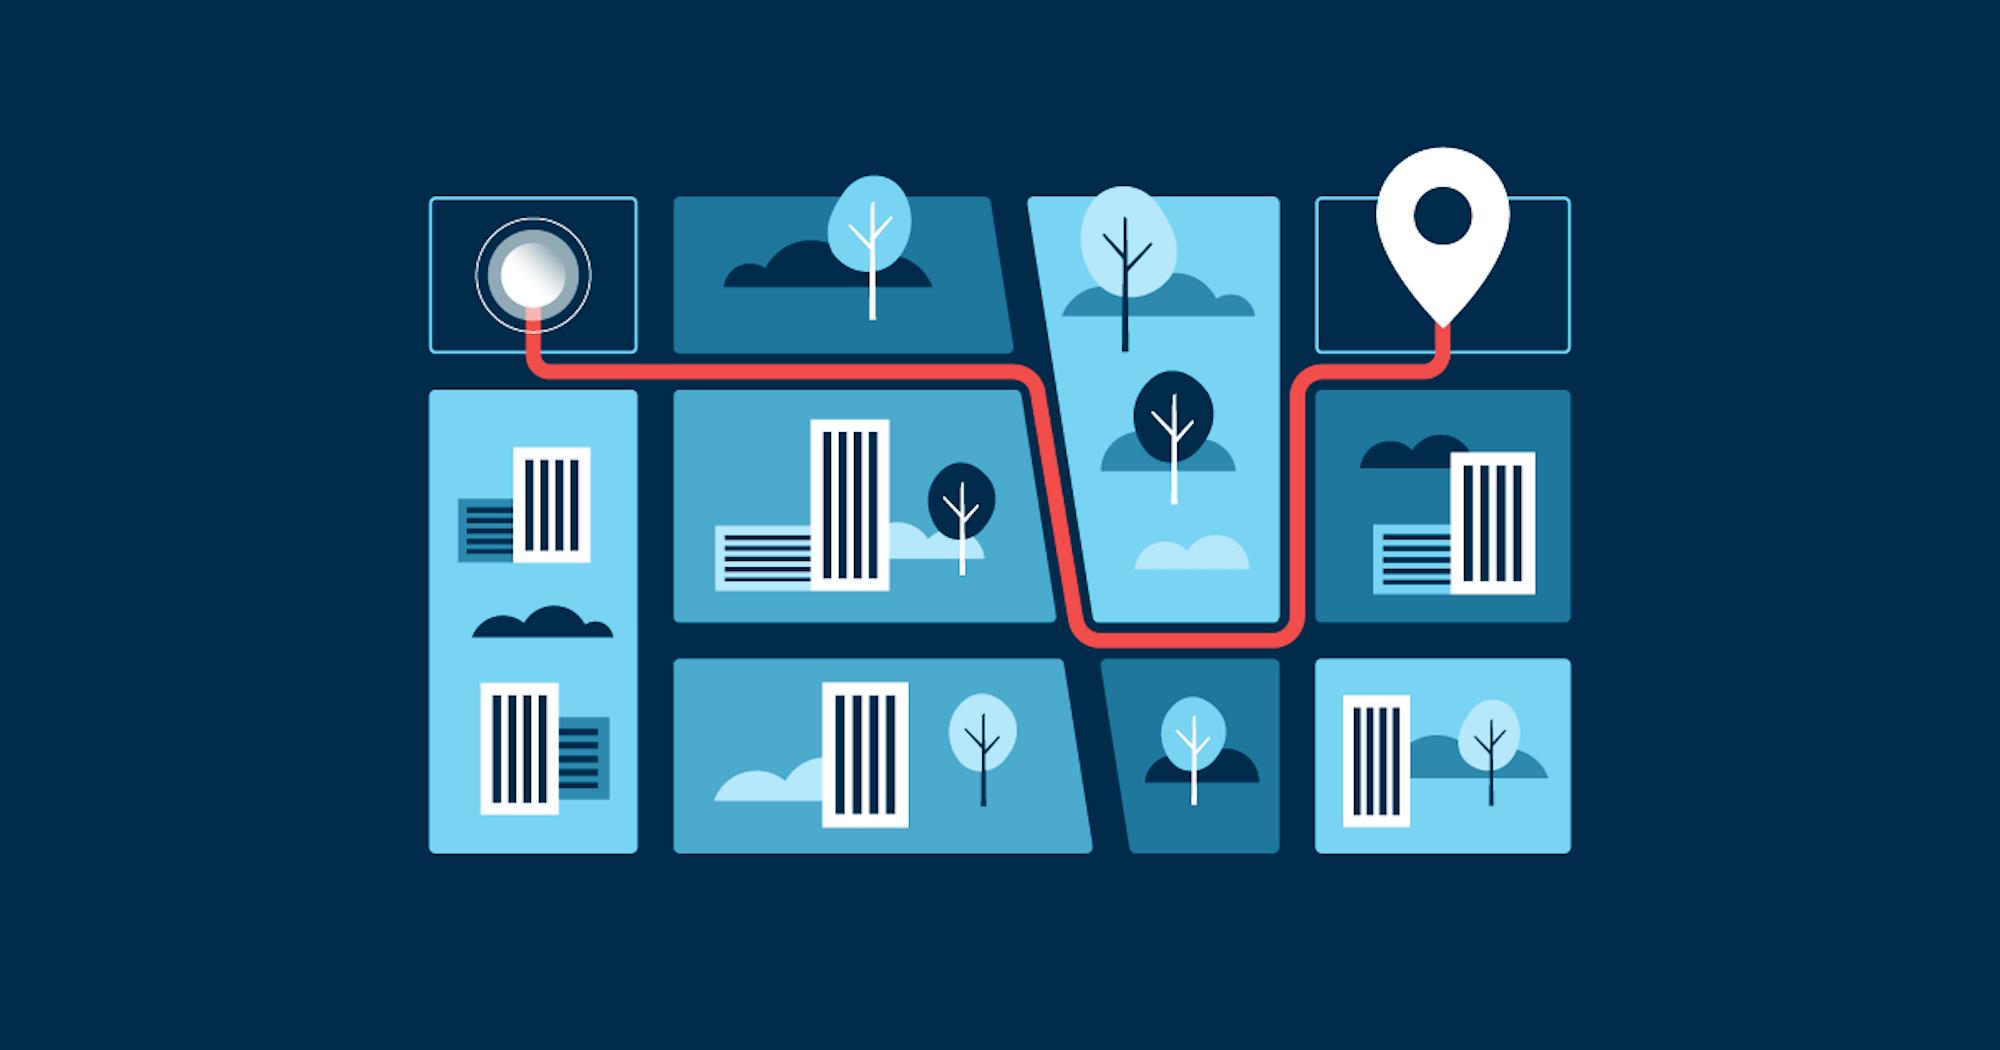 Come organizzare le consegne: software per la pianificazione